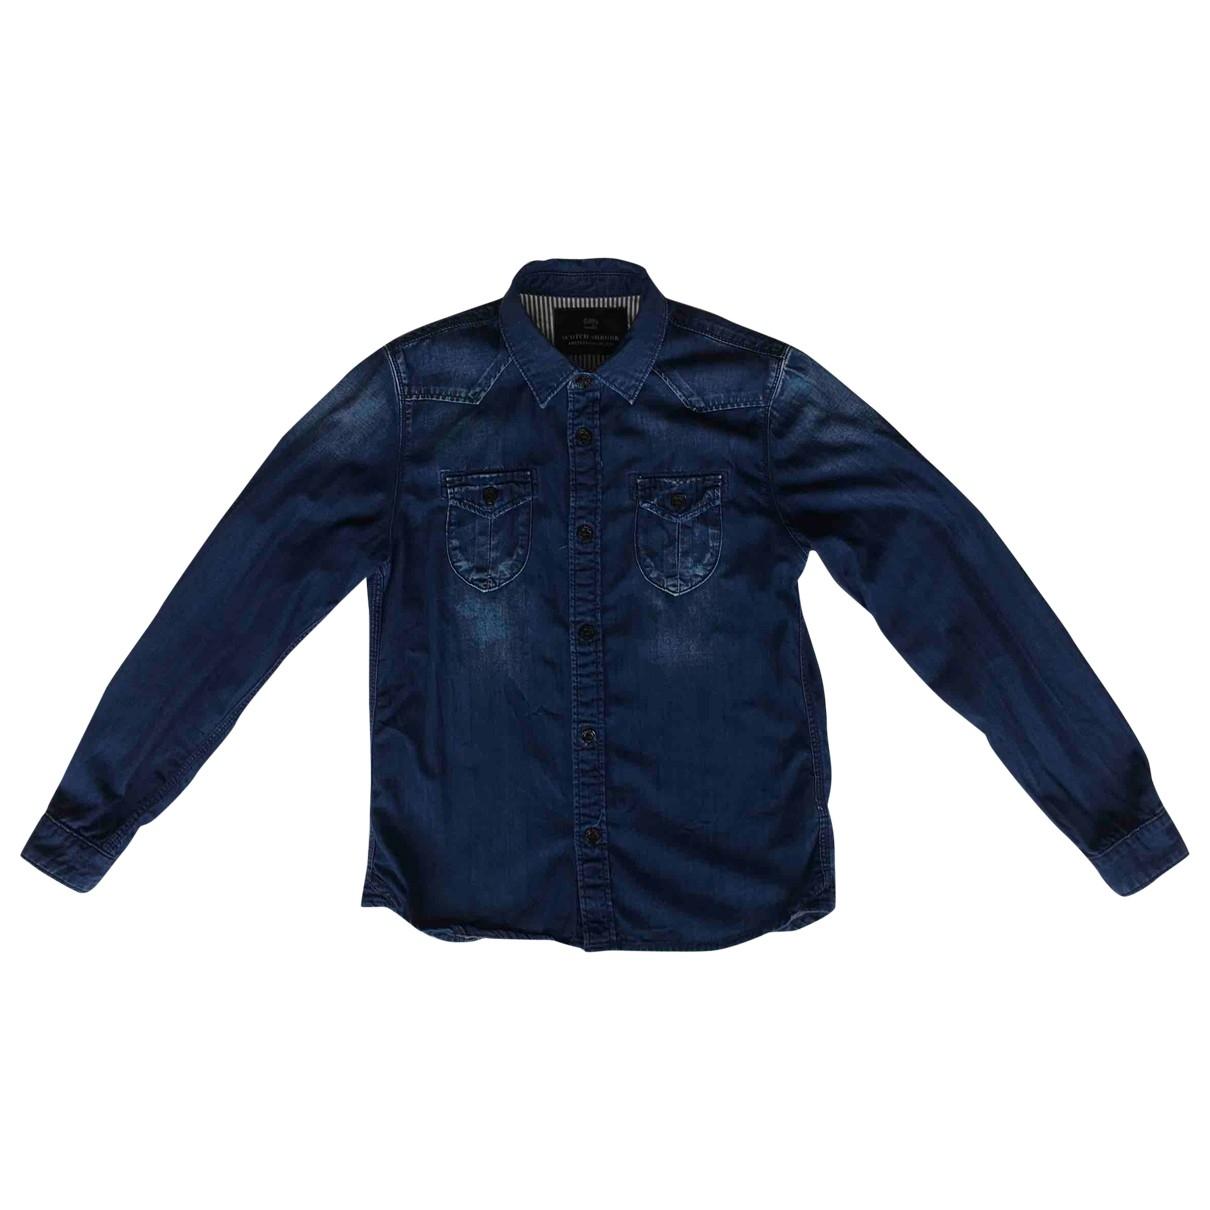 Scotch & Soda \N Oberteile in  Blau Denim - Jeans